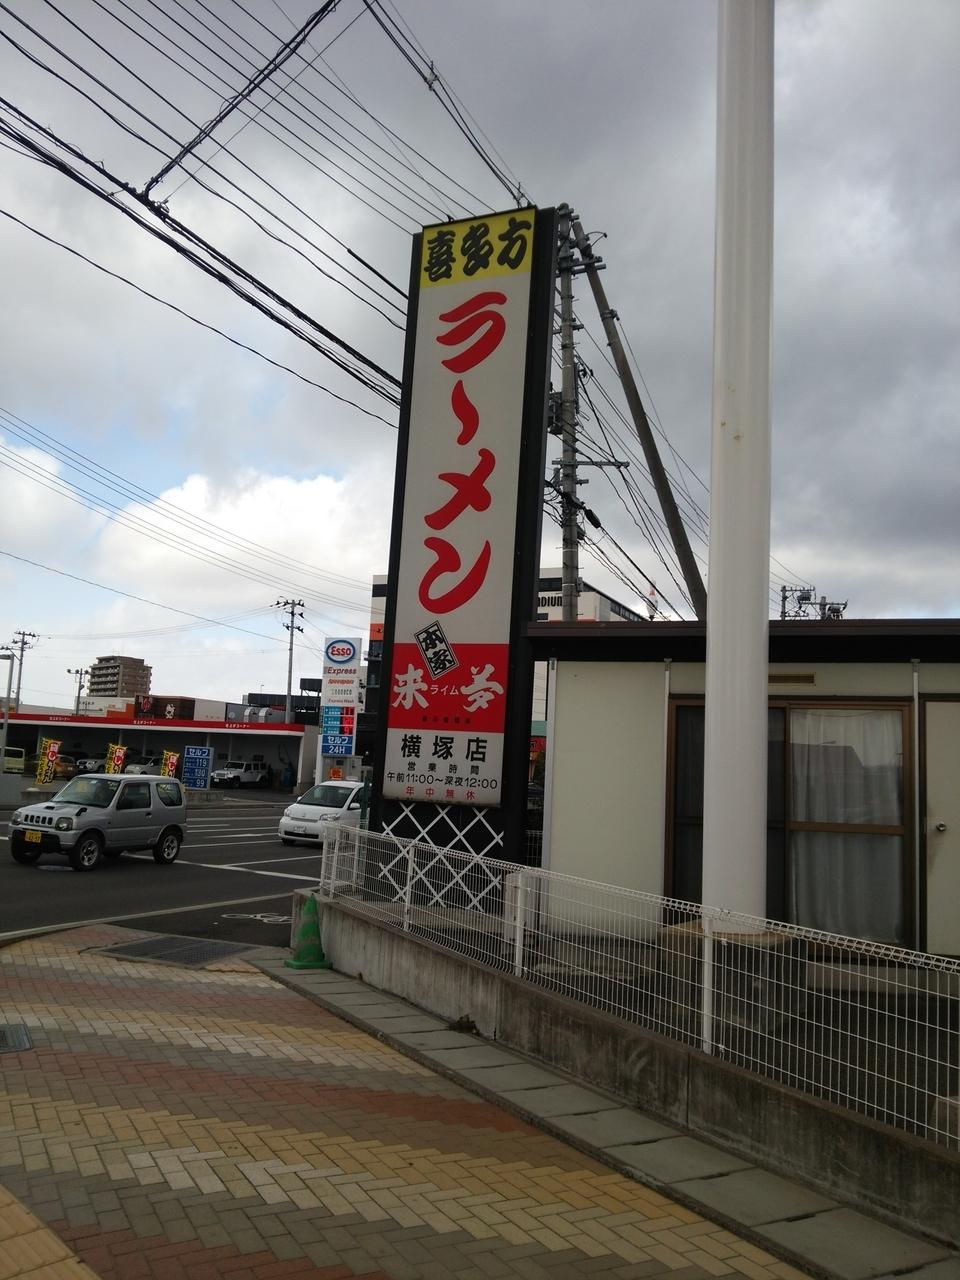 喜多方ラーメン 来夢 (郡山横塚店) image